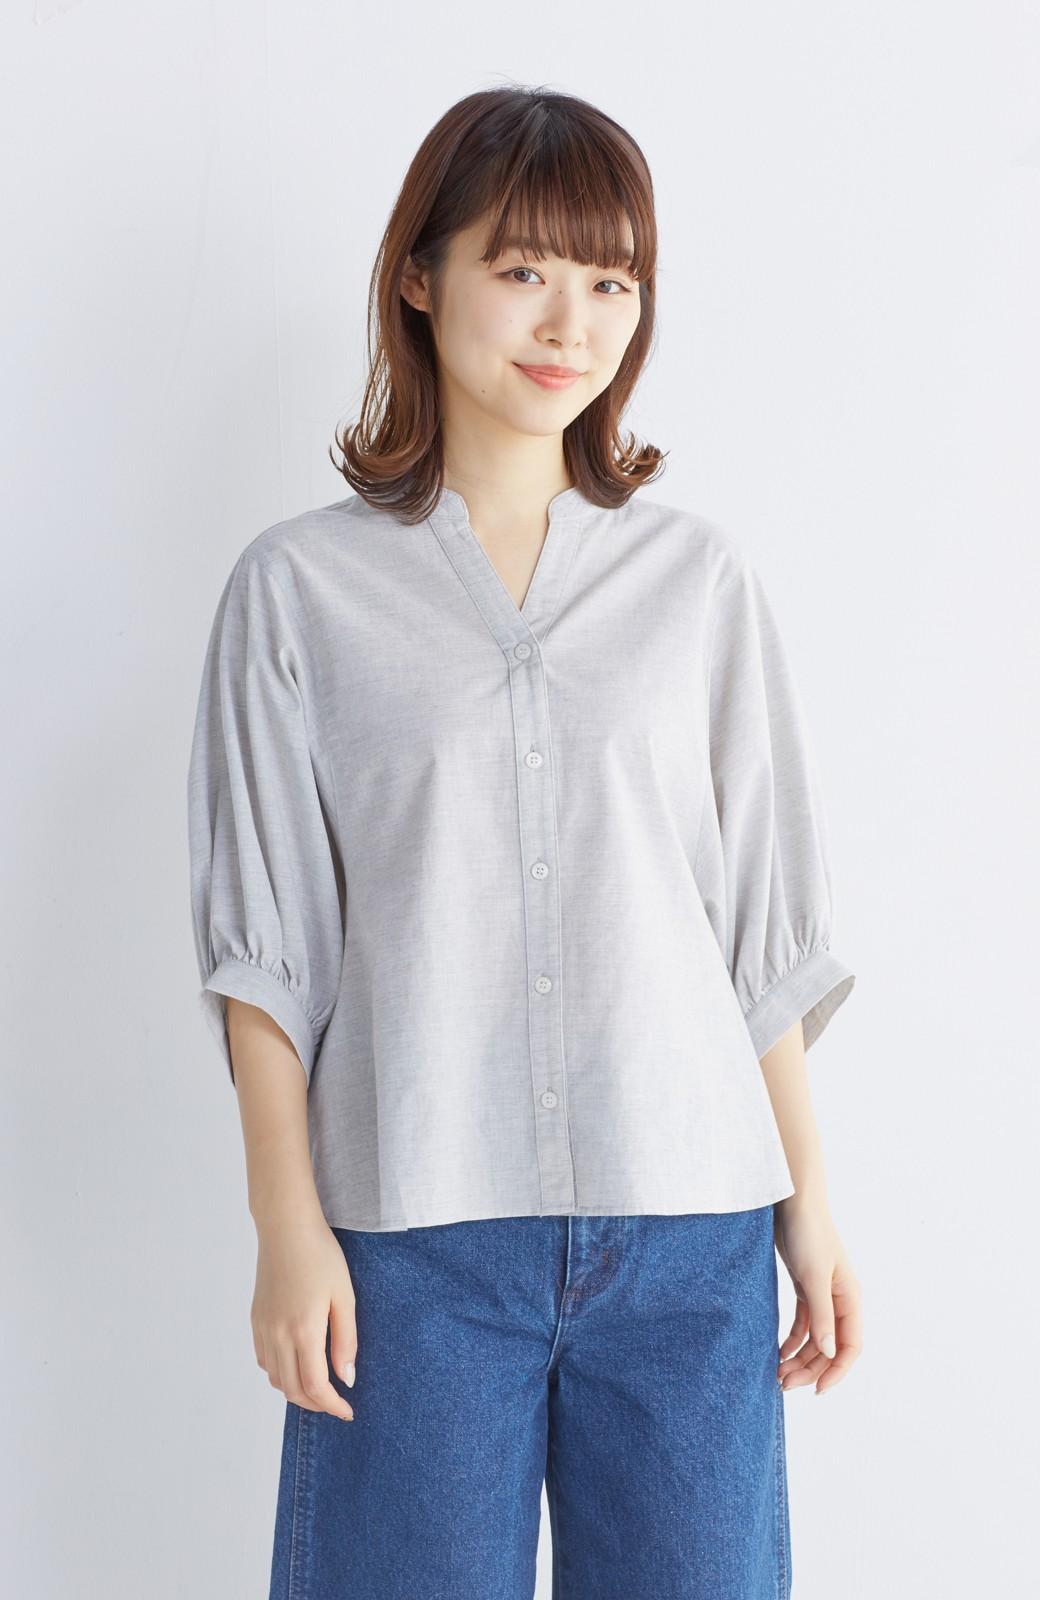 エムトロワ 大人かわいいぷっくり袖シャツ <グレー>の商品写真14